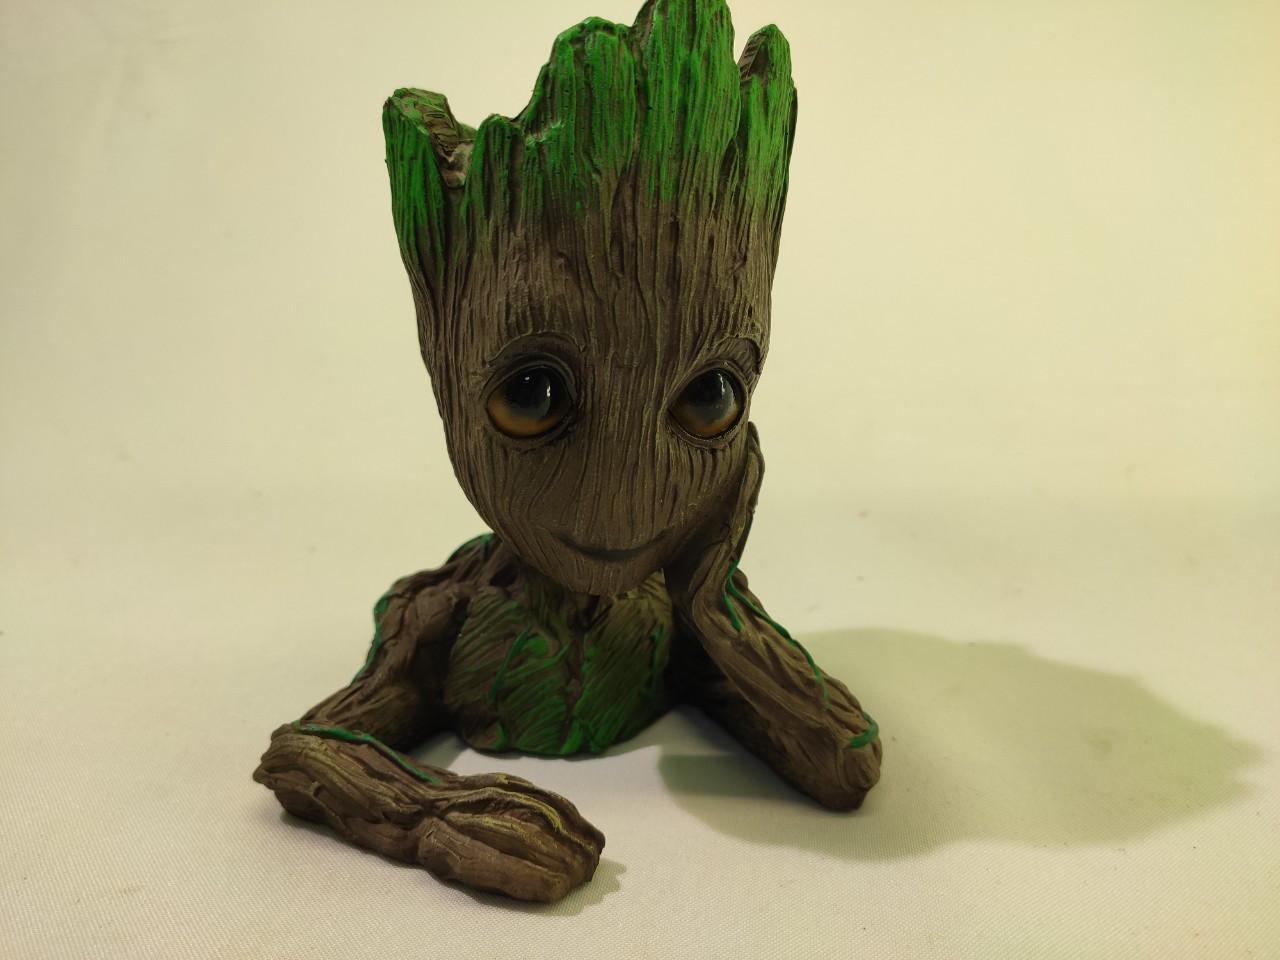 Глиняный цветочный горшок - милый малыш Грут из Стражей Галактики от Marvel Подпирающий голову рукой